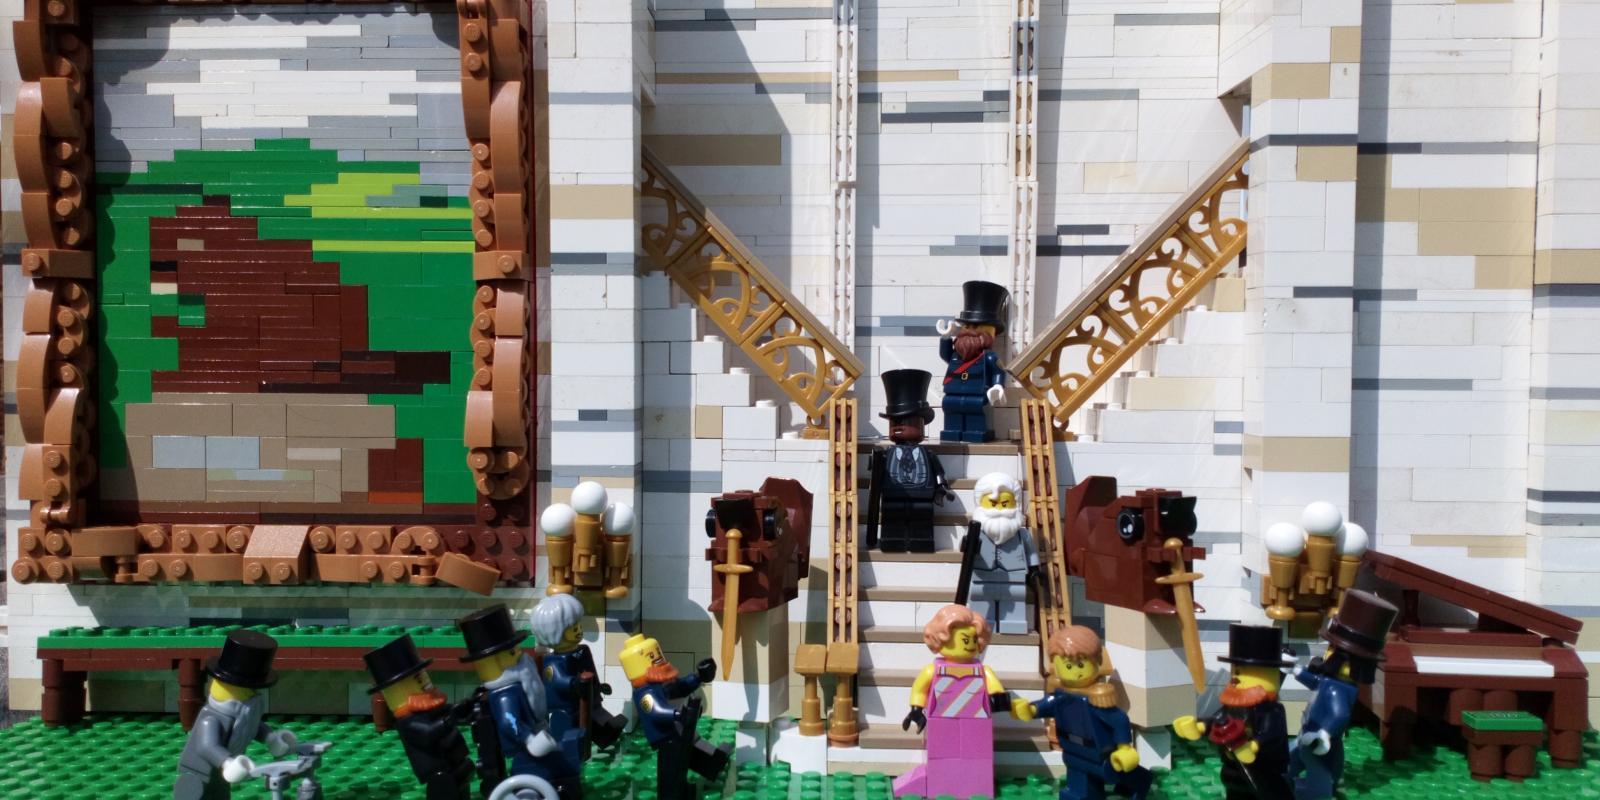 Merry Widow Lego Challenge